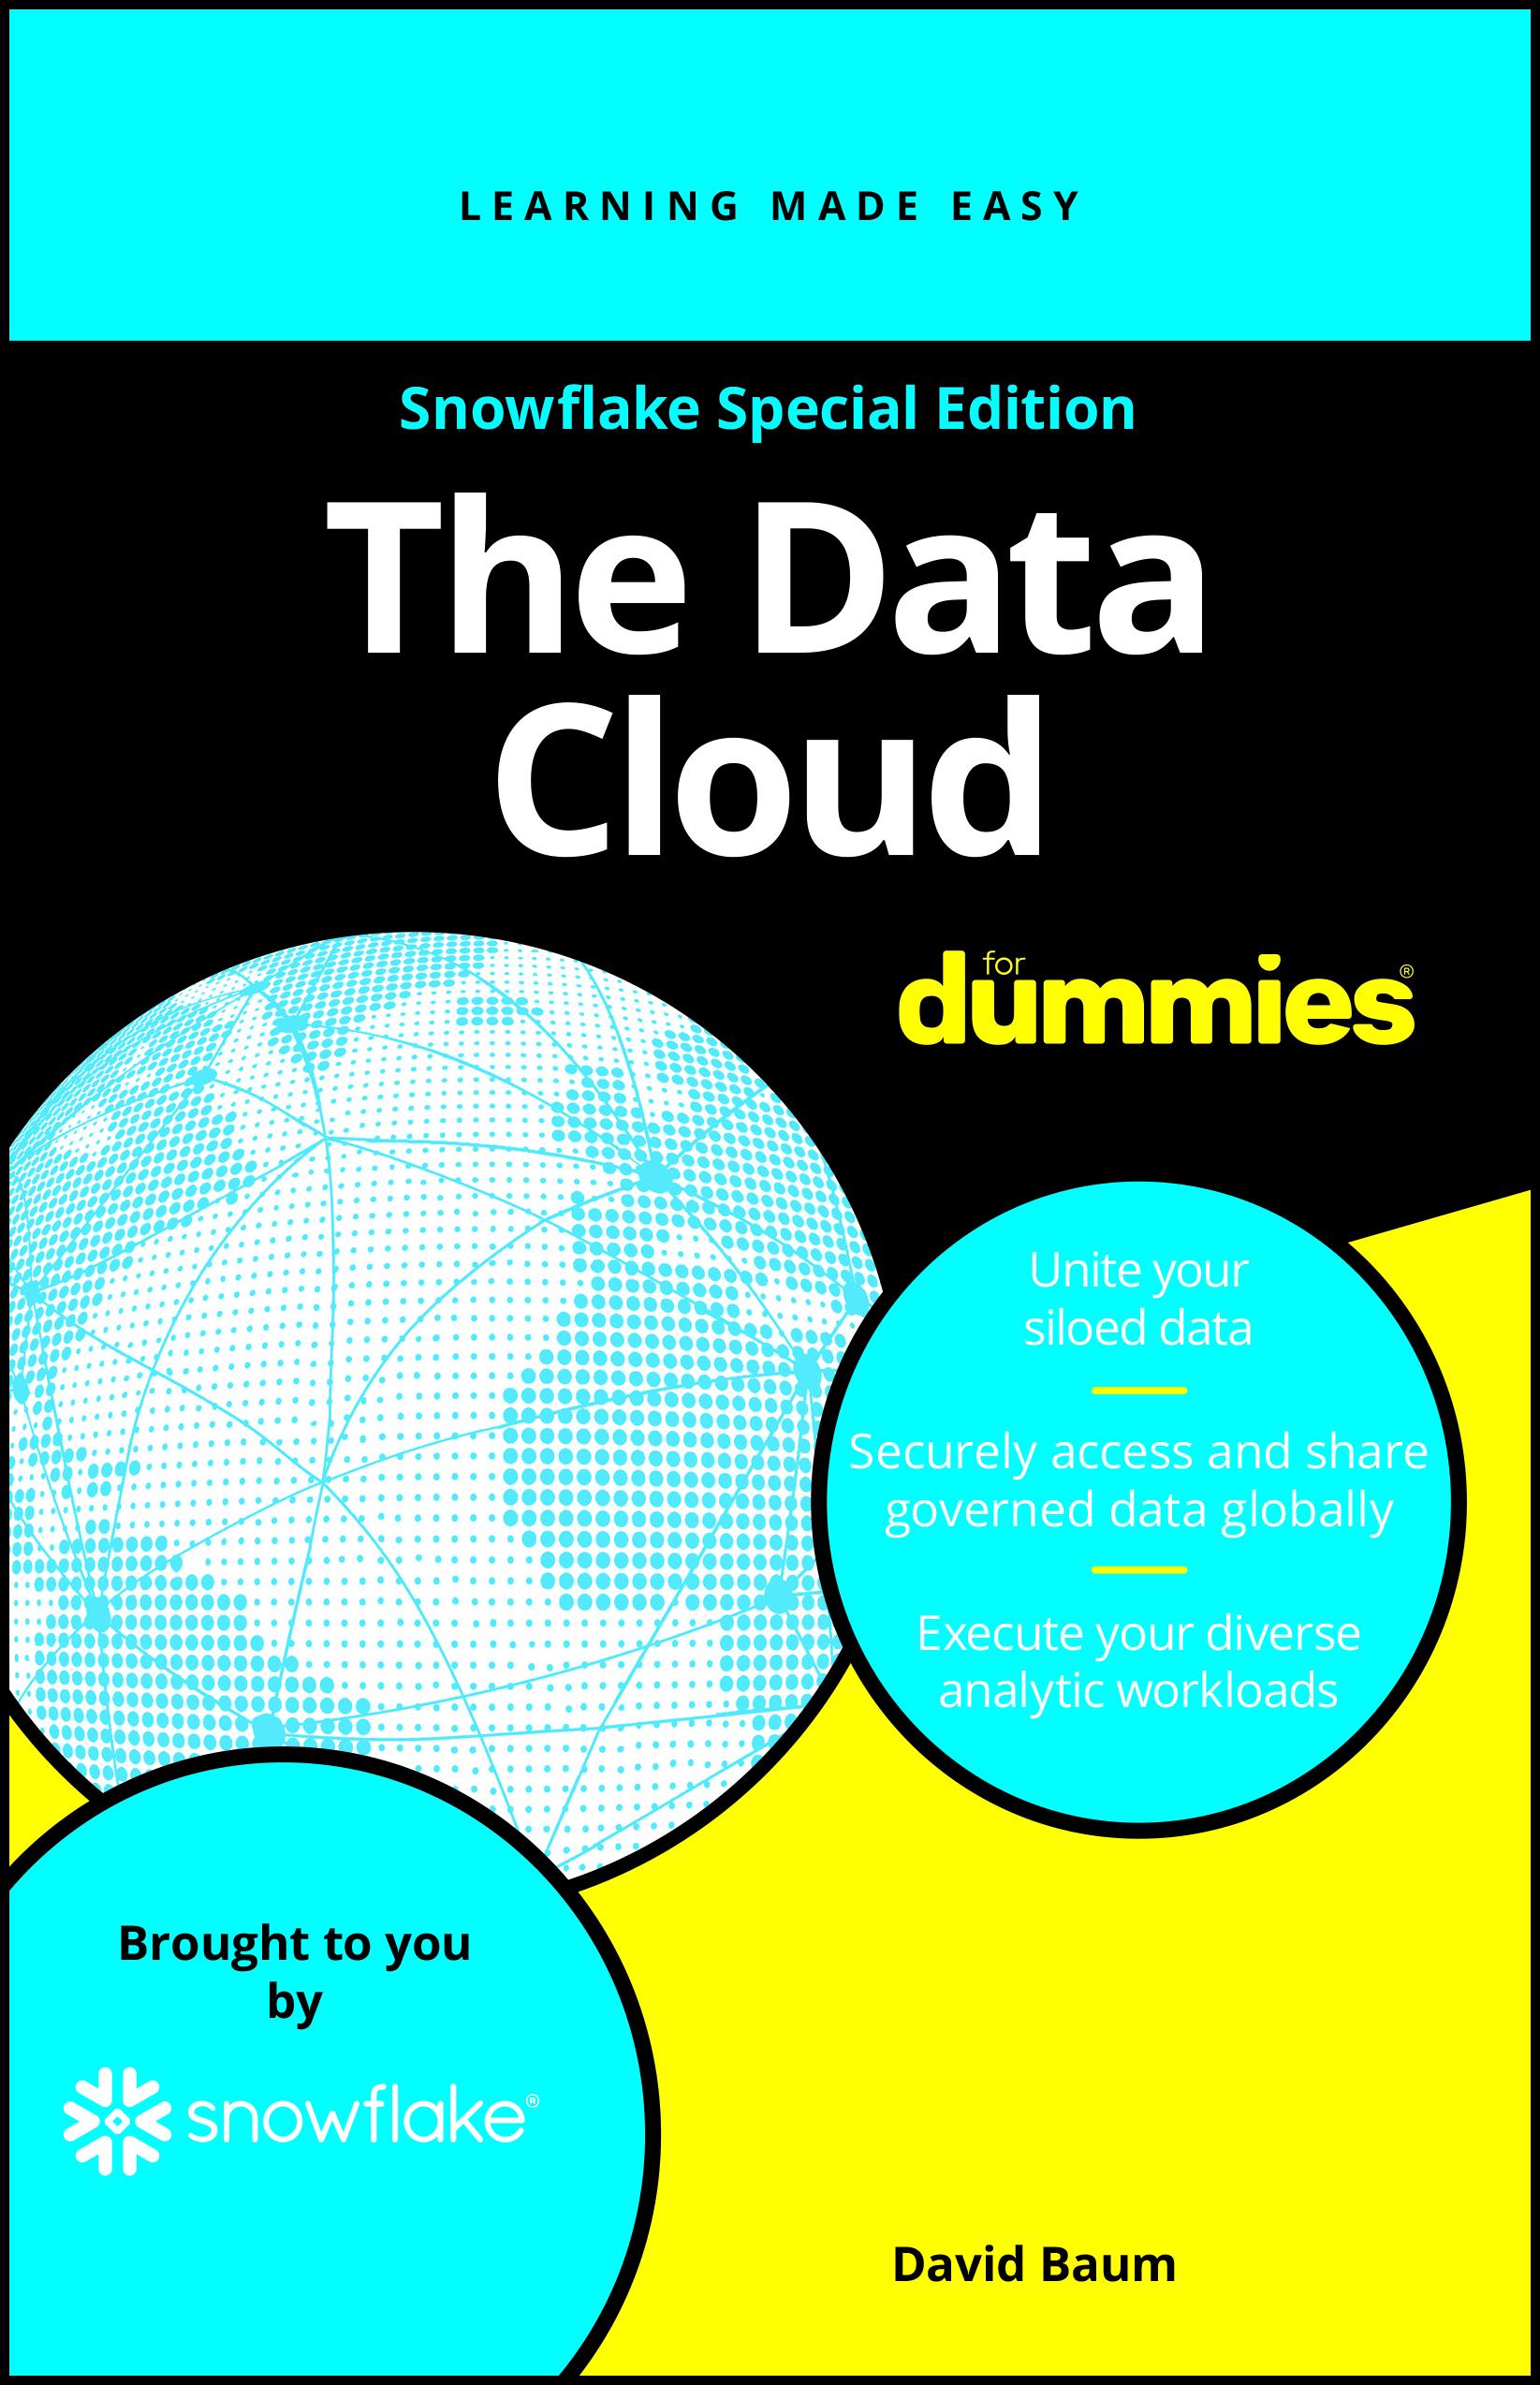 snowflake data cloud